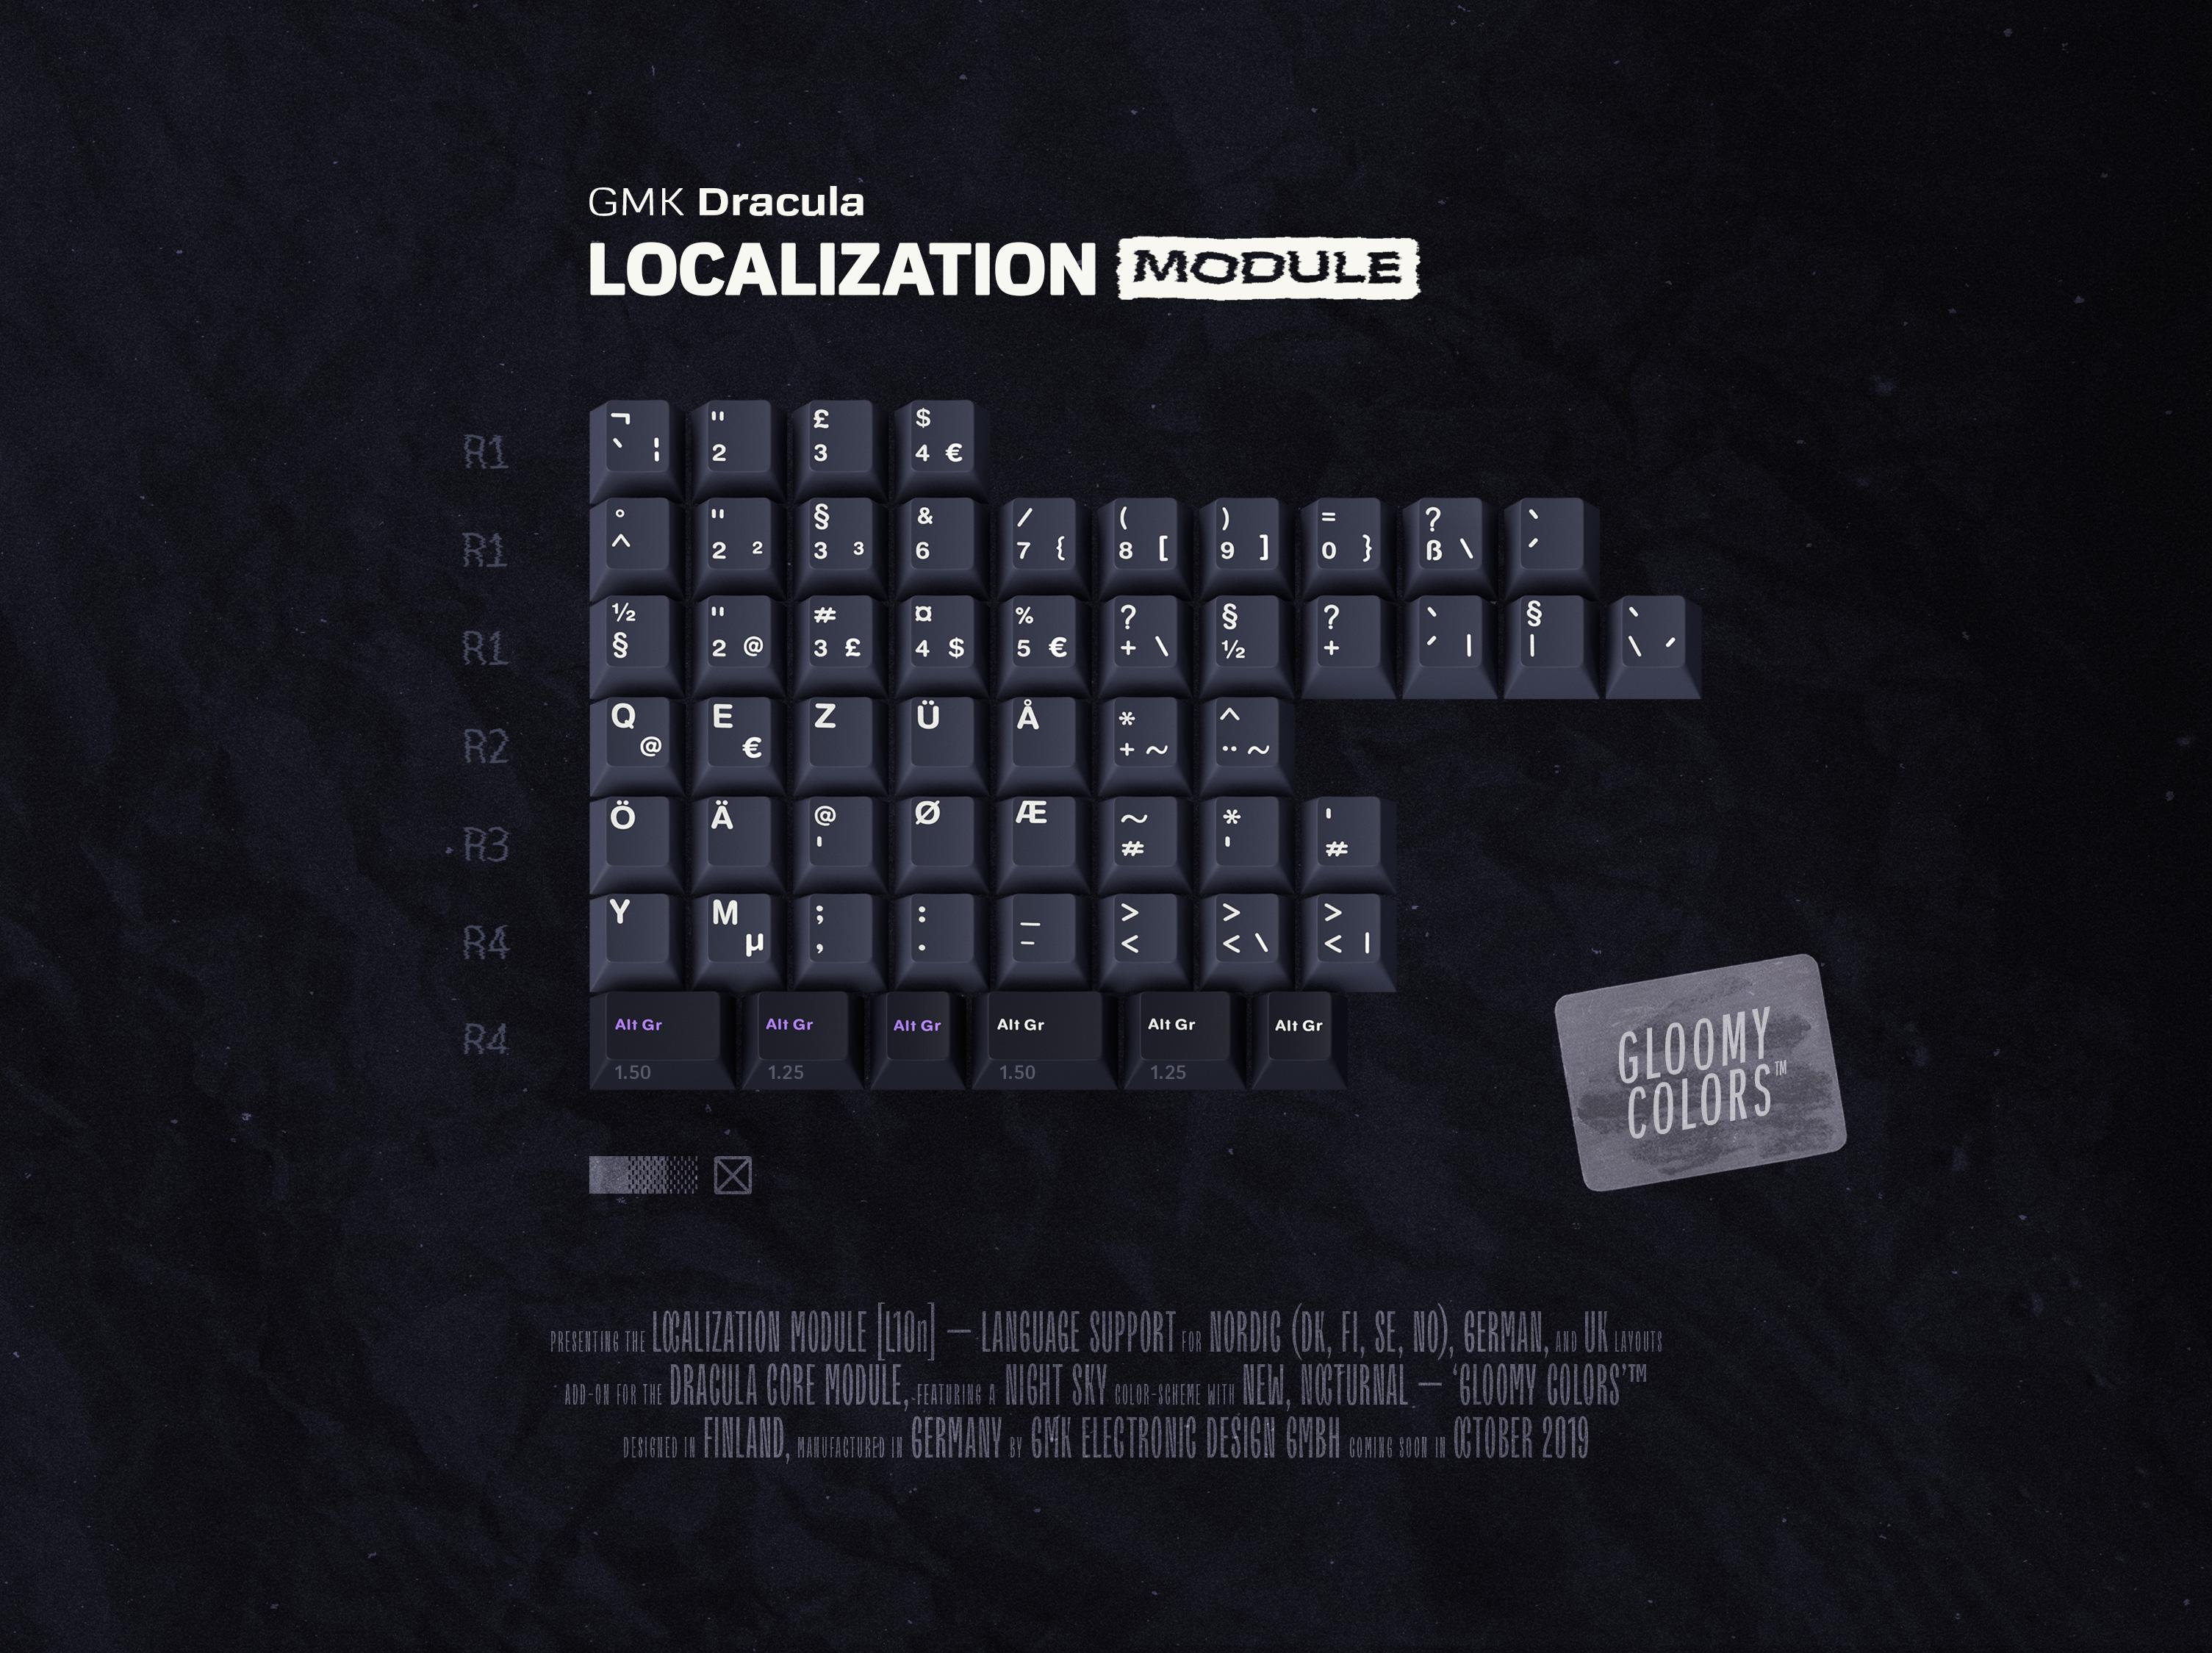 Localization Module